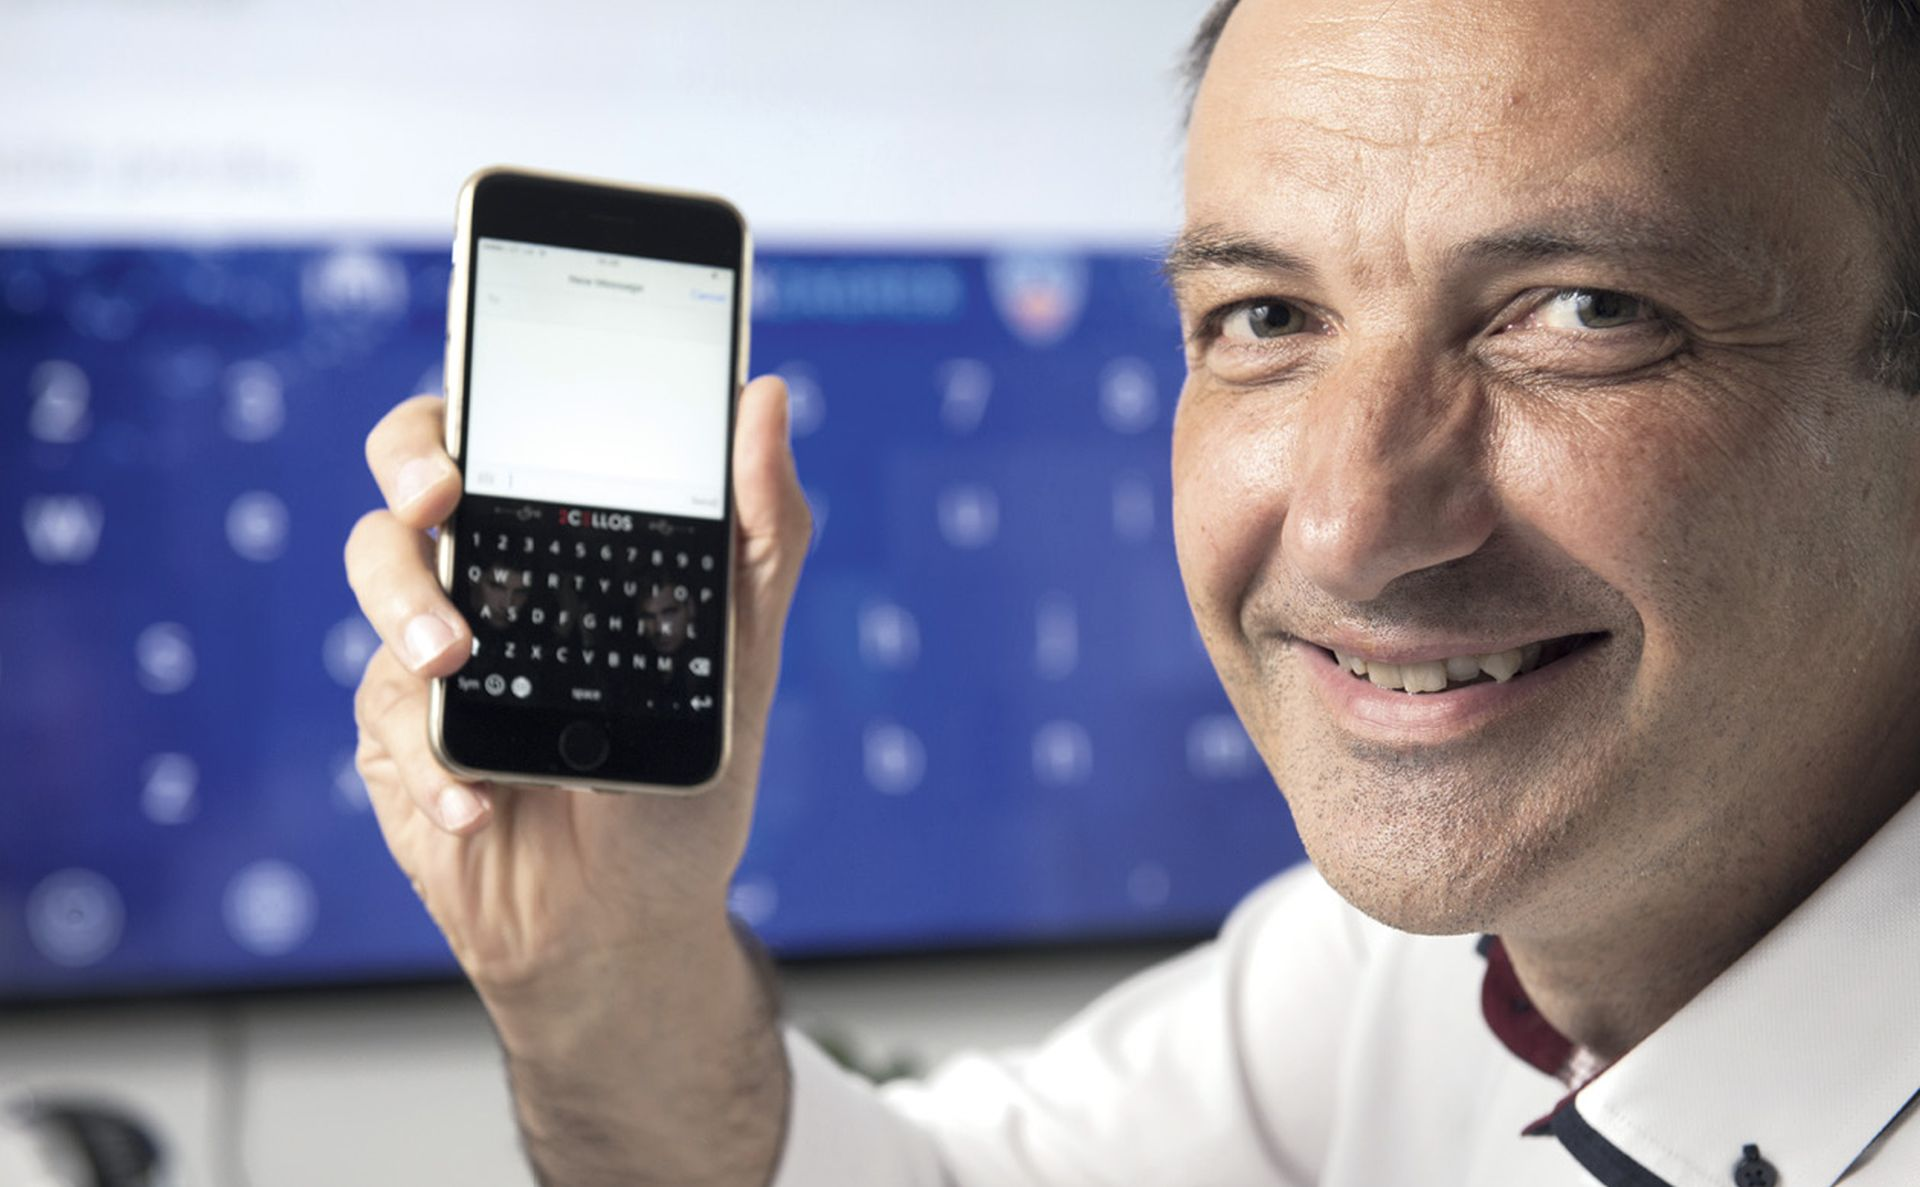 Izzy – brzo tipkanje na pametnom telefonu koriste klubovi i stranke